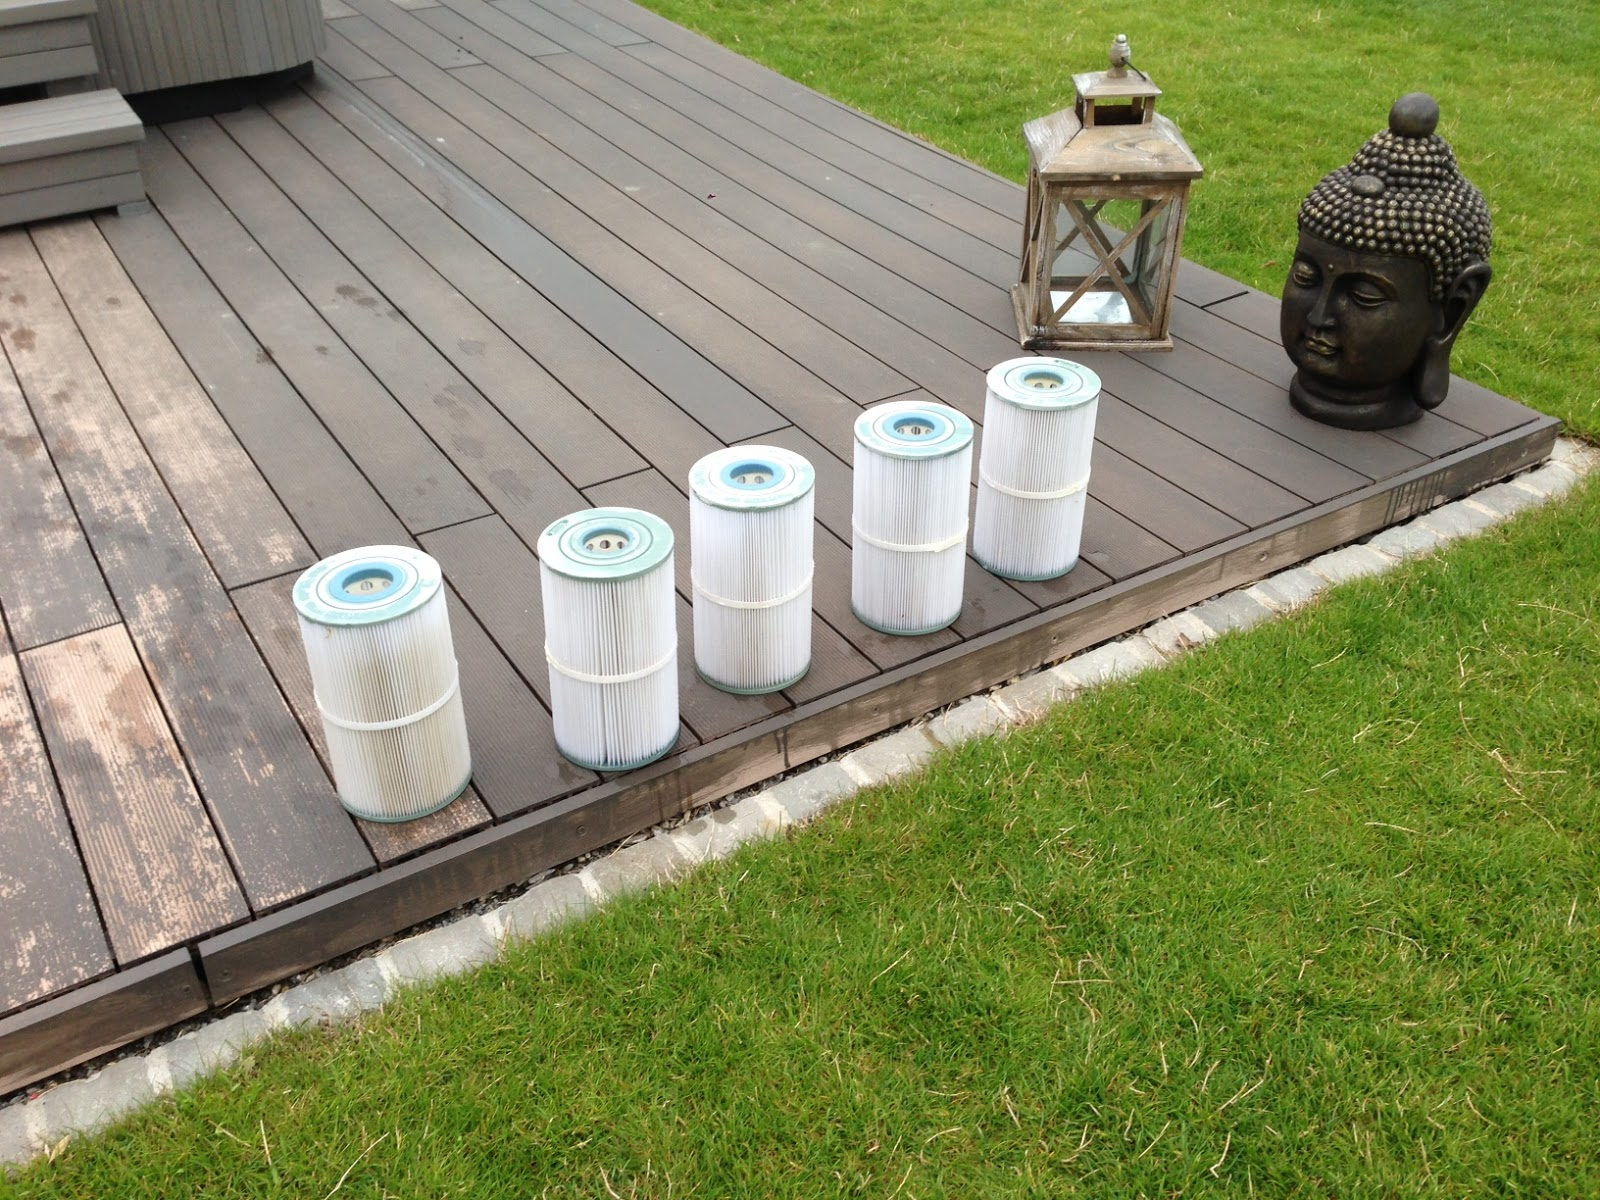 Bautagebuch zu unserem traumhaus jette joop europe unlimited von viebrockhaus feintuning im - Pool filter reinigen ...